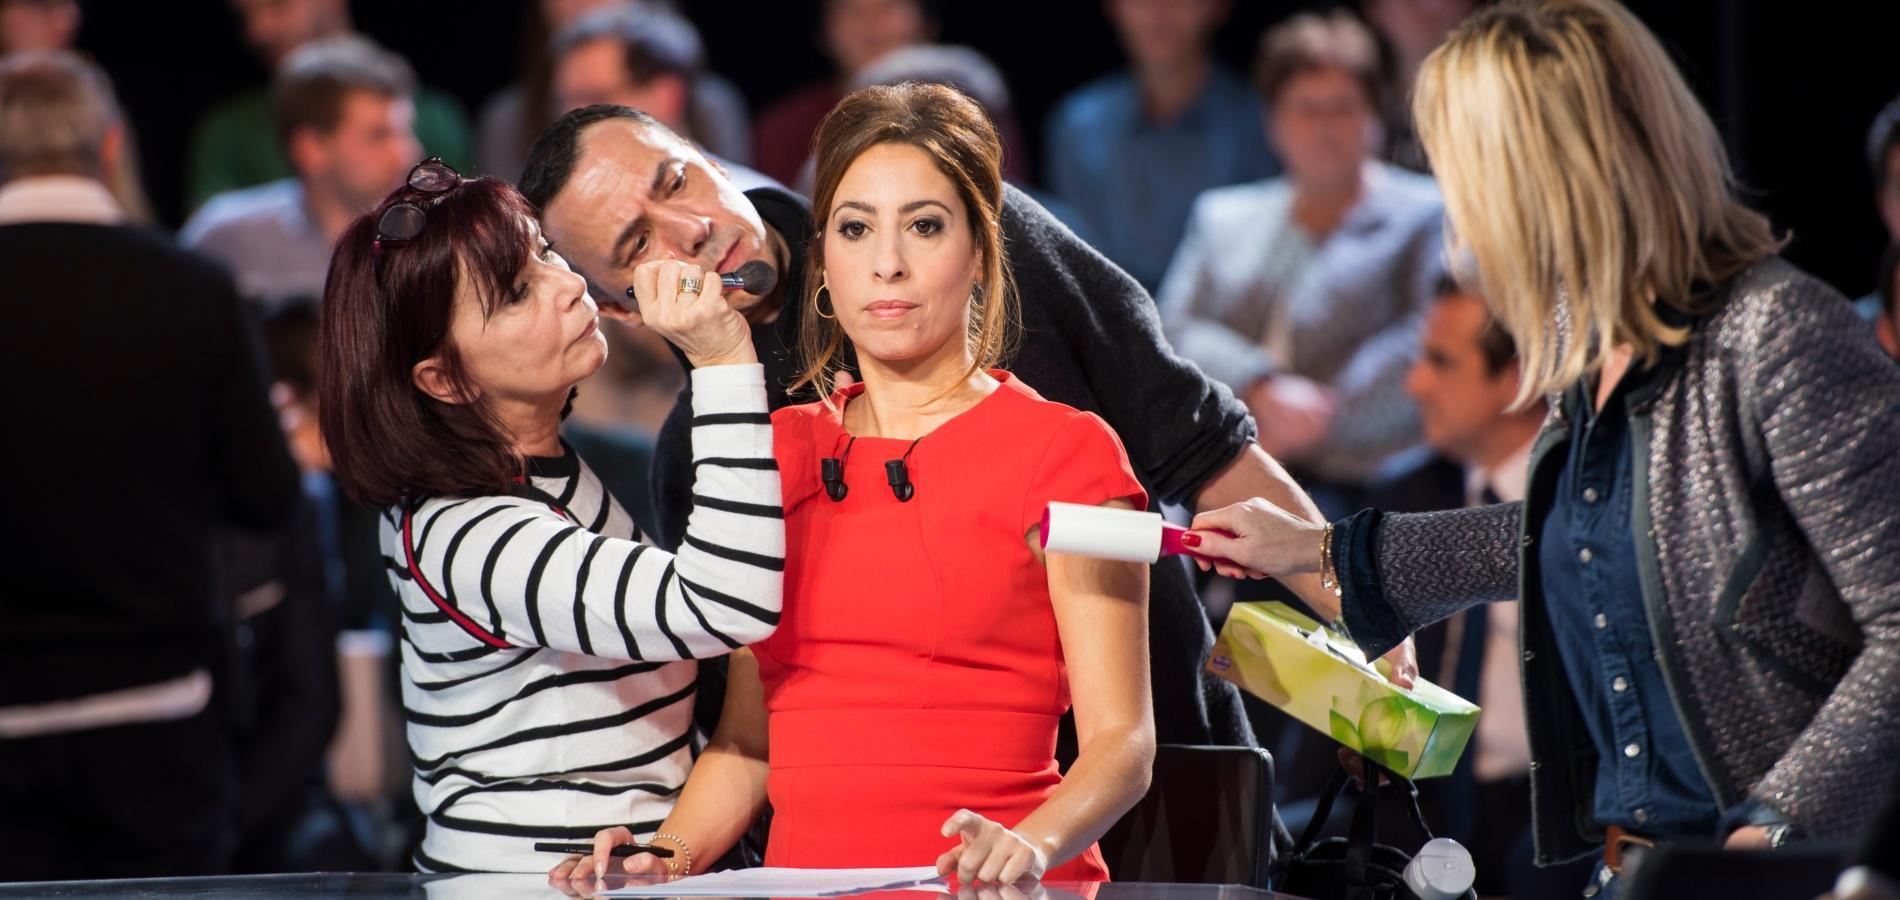 Lea Salame S Ouvre Sur Son Education Stricte Ou Le Semi Echec Etait Inacceptable Madame Figaro